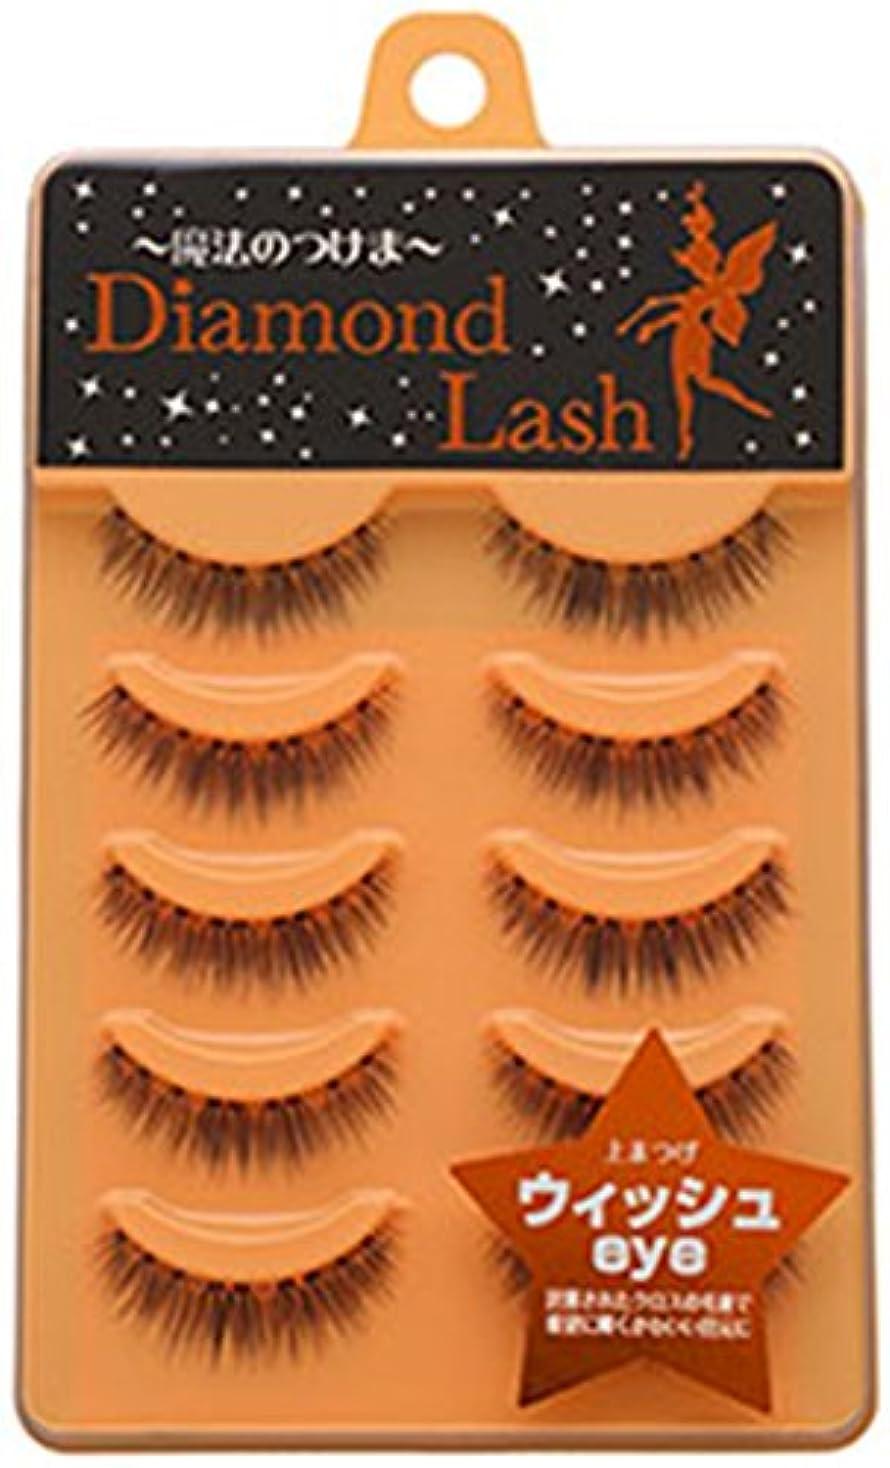 サワー問い合わせる集団ダイヤモンドラッシュ ヌーディースウィートシリーズ ウィッシュeye 上まつげ用 DL54596